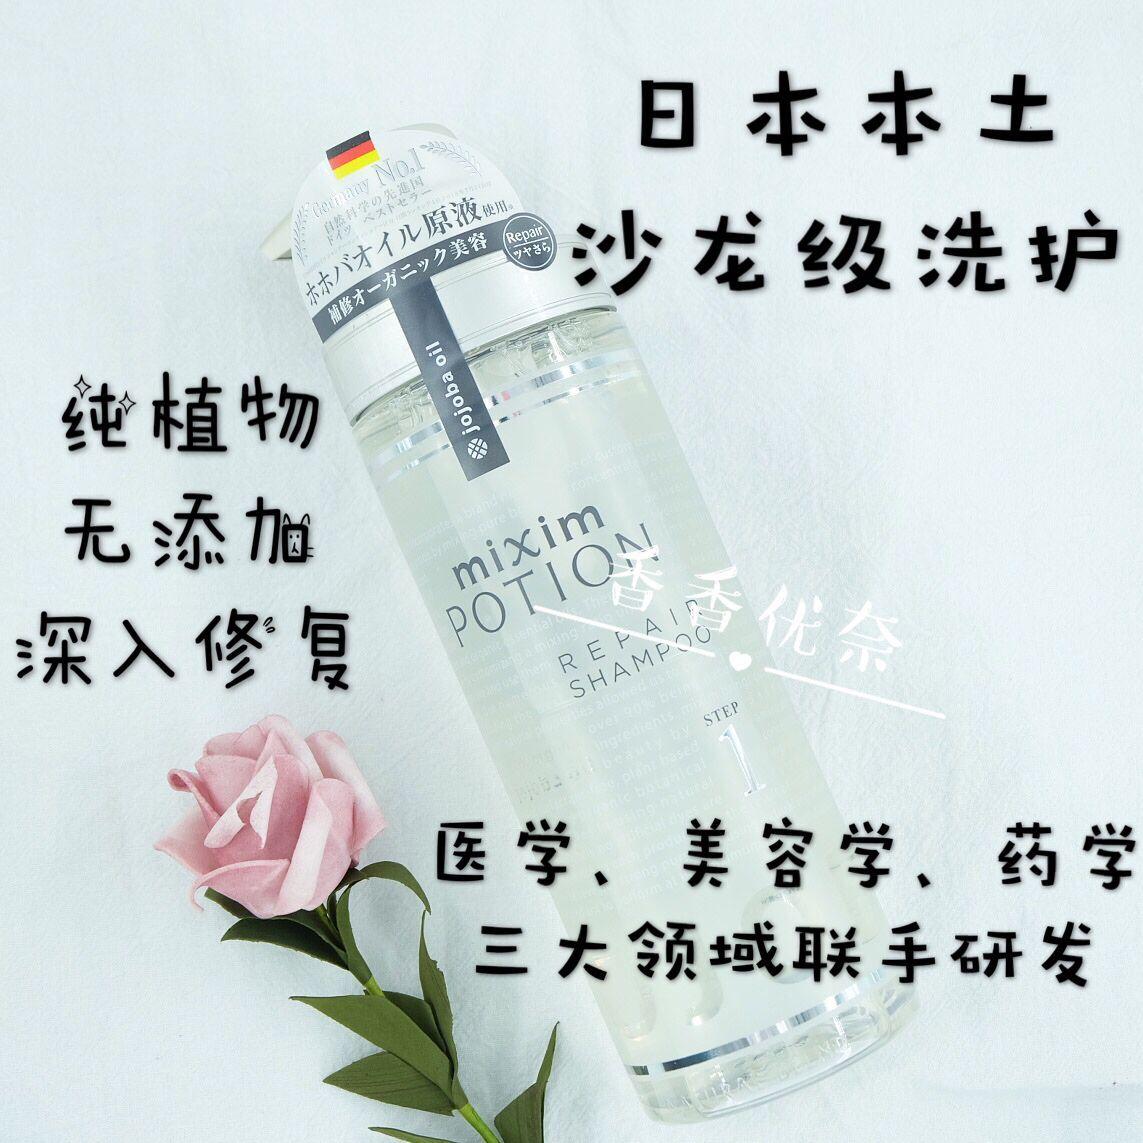 日本Mixim potion洗发水 极上Level洗发水护发素精油滋润修复改善